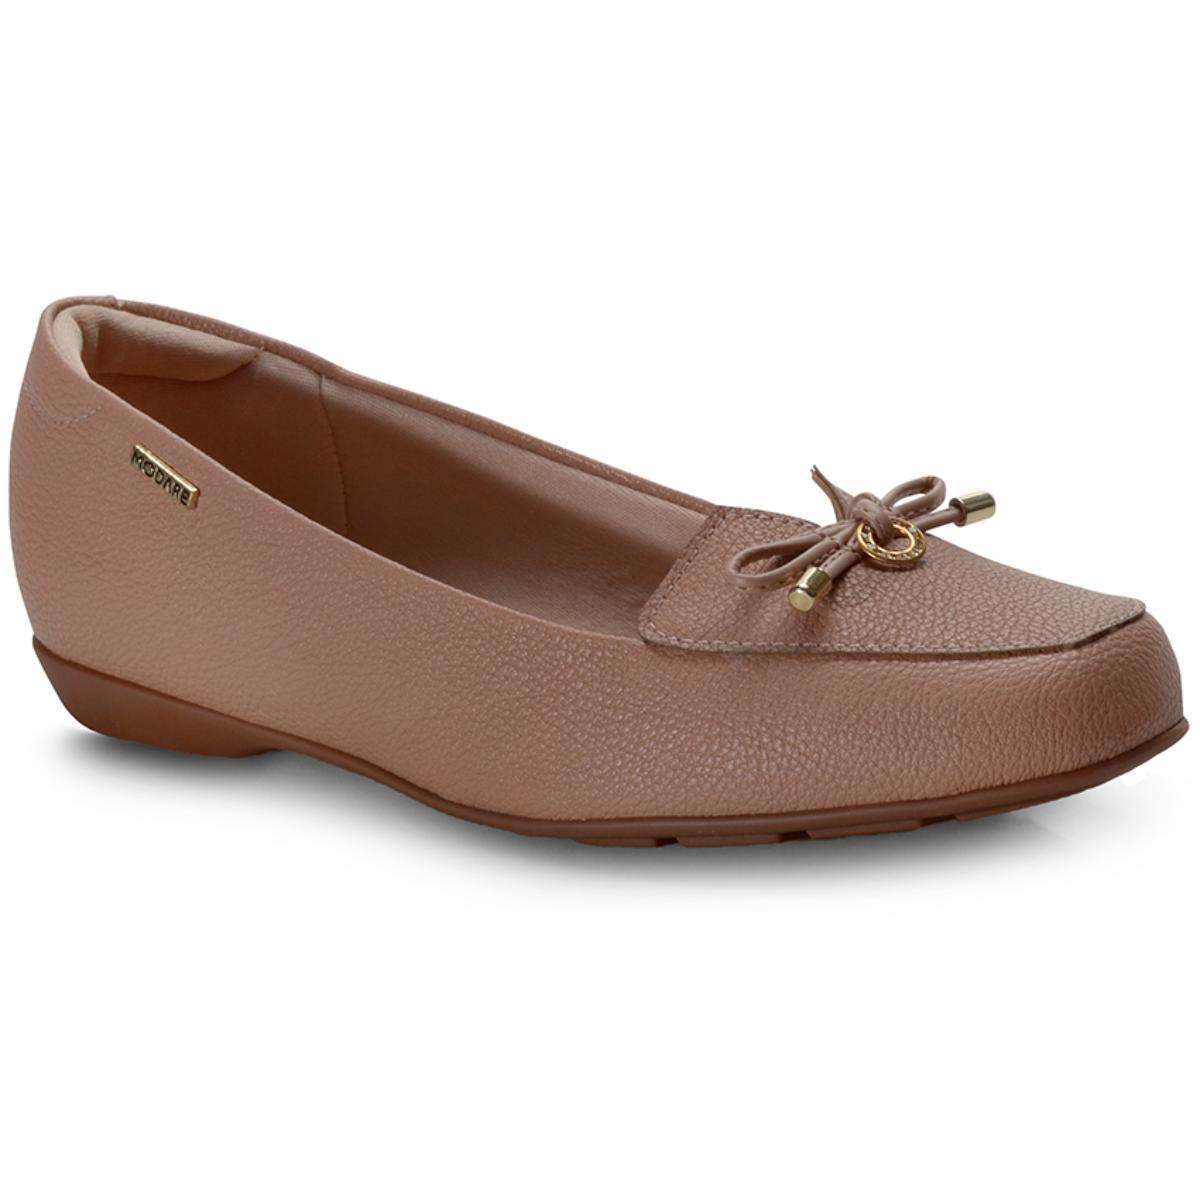 Sapato Feminino Modare 7016461 Nude